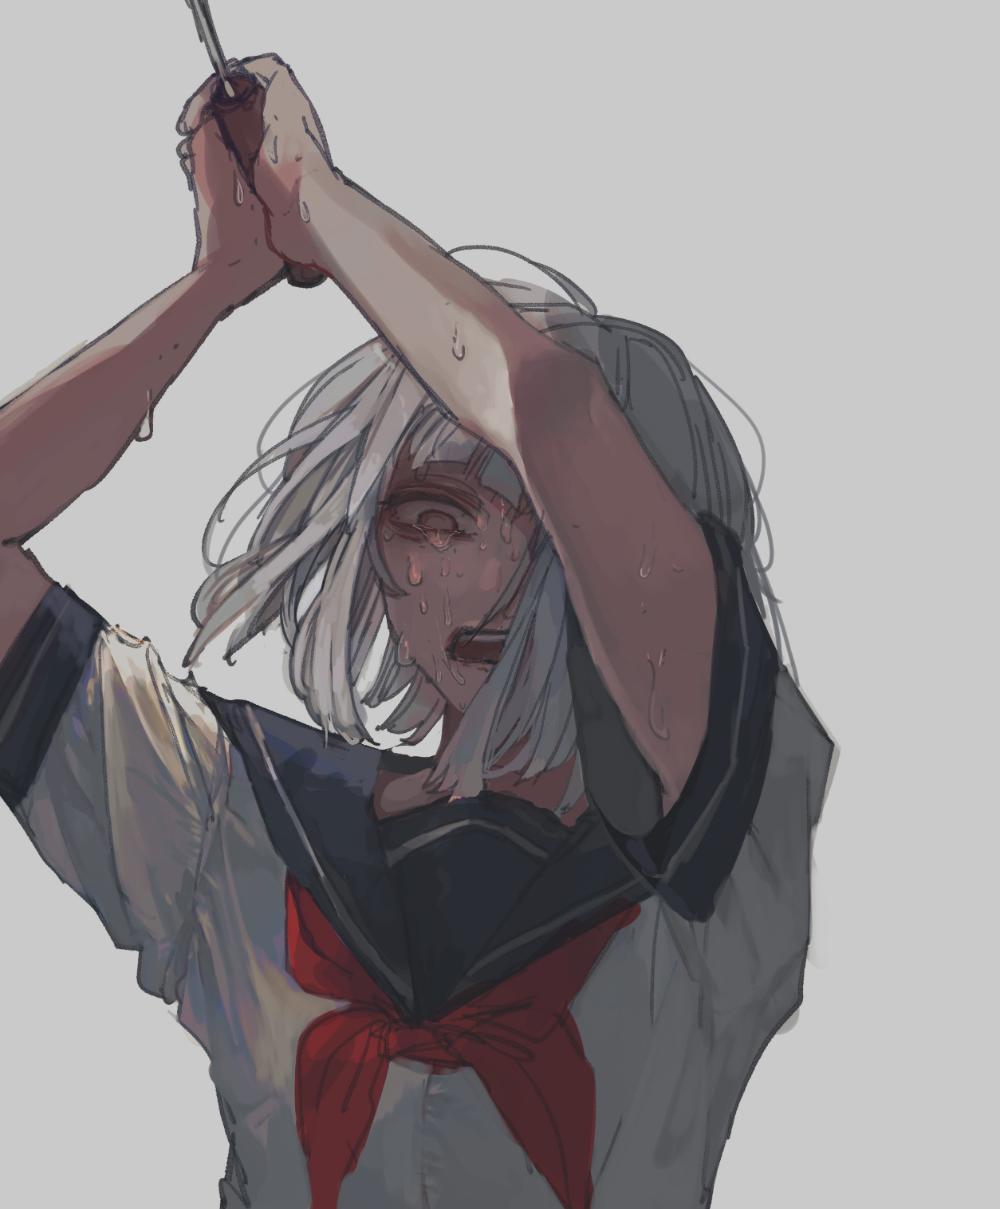 沼田ゾンビ⁉️ on Twitter in 2020 Anime art beautiful, Anime